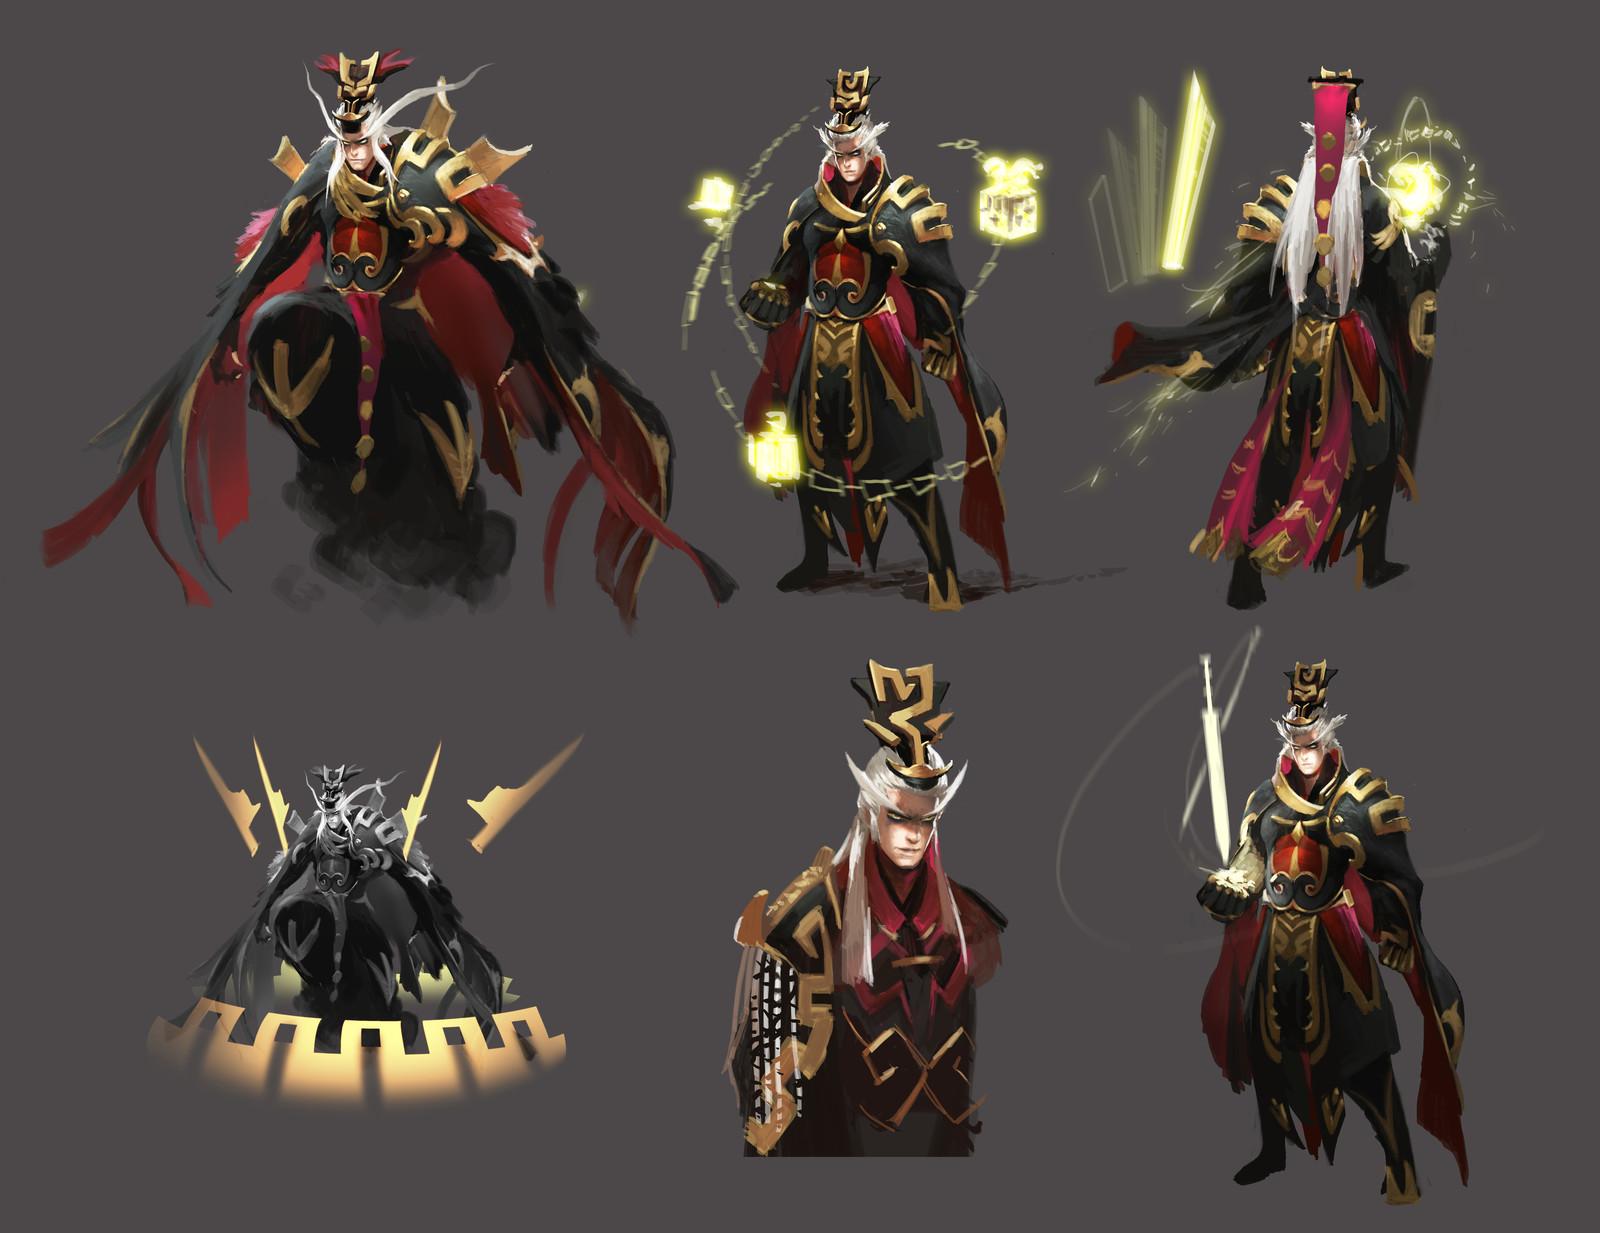 Emperor Qin hero design